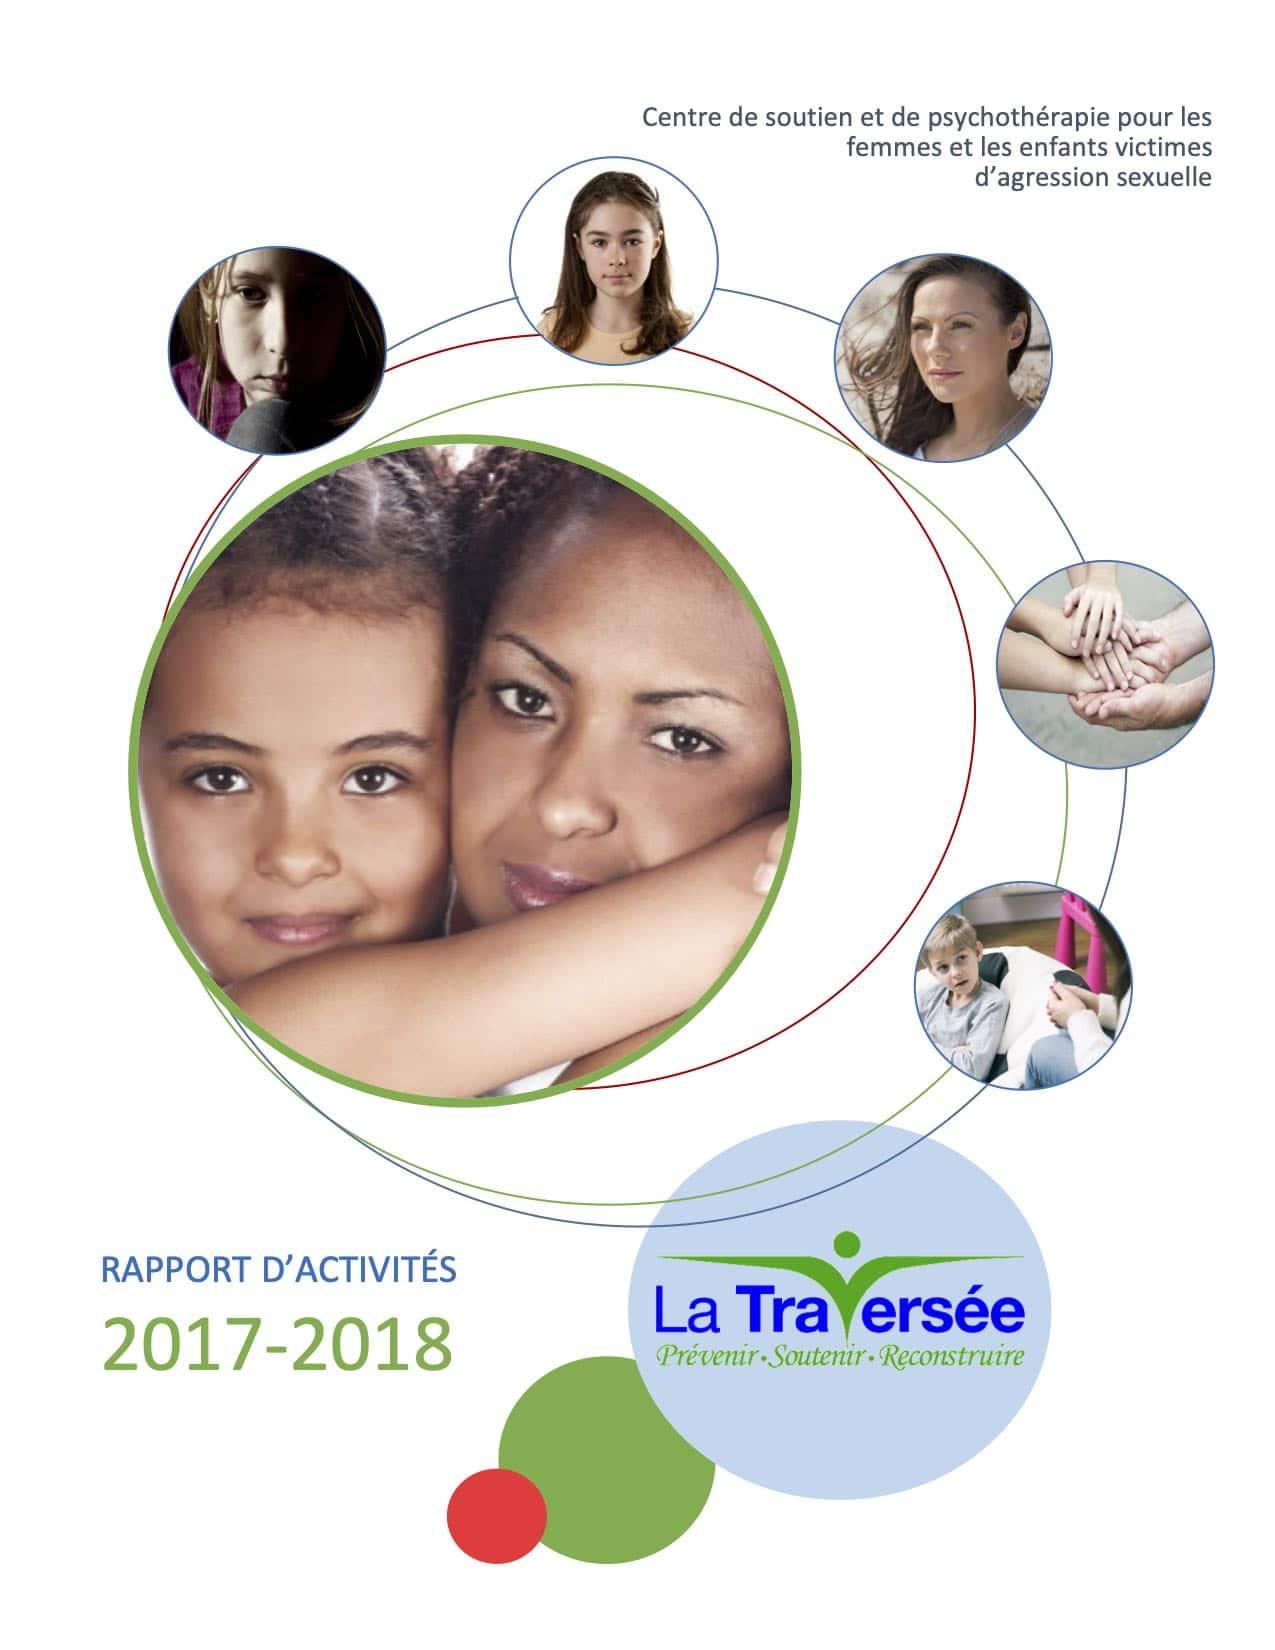 La Traversée - Rapport d'activités 2017-2018